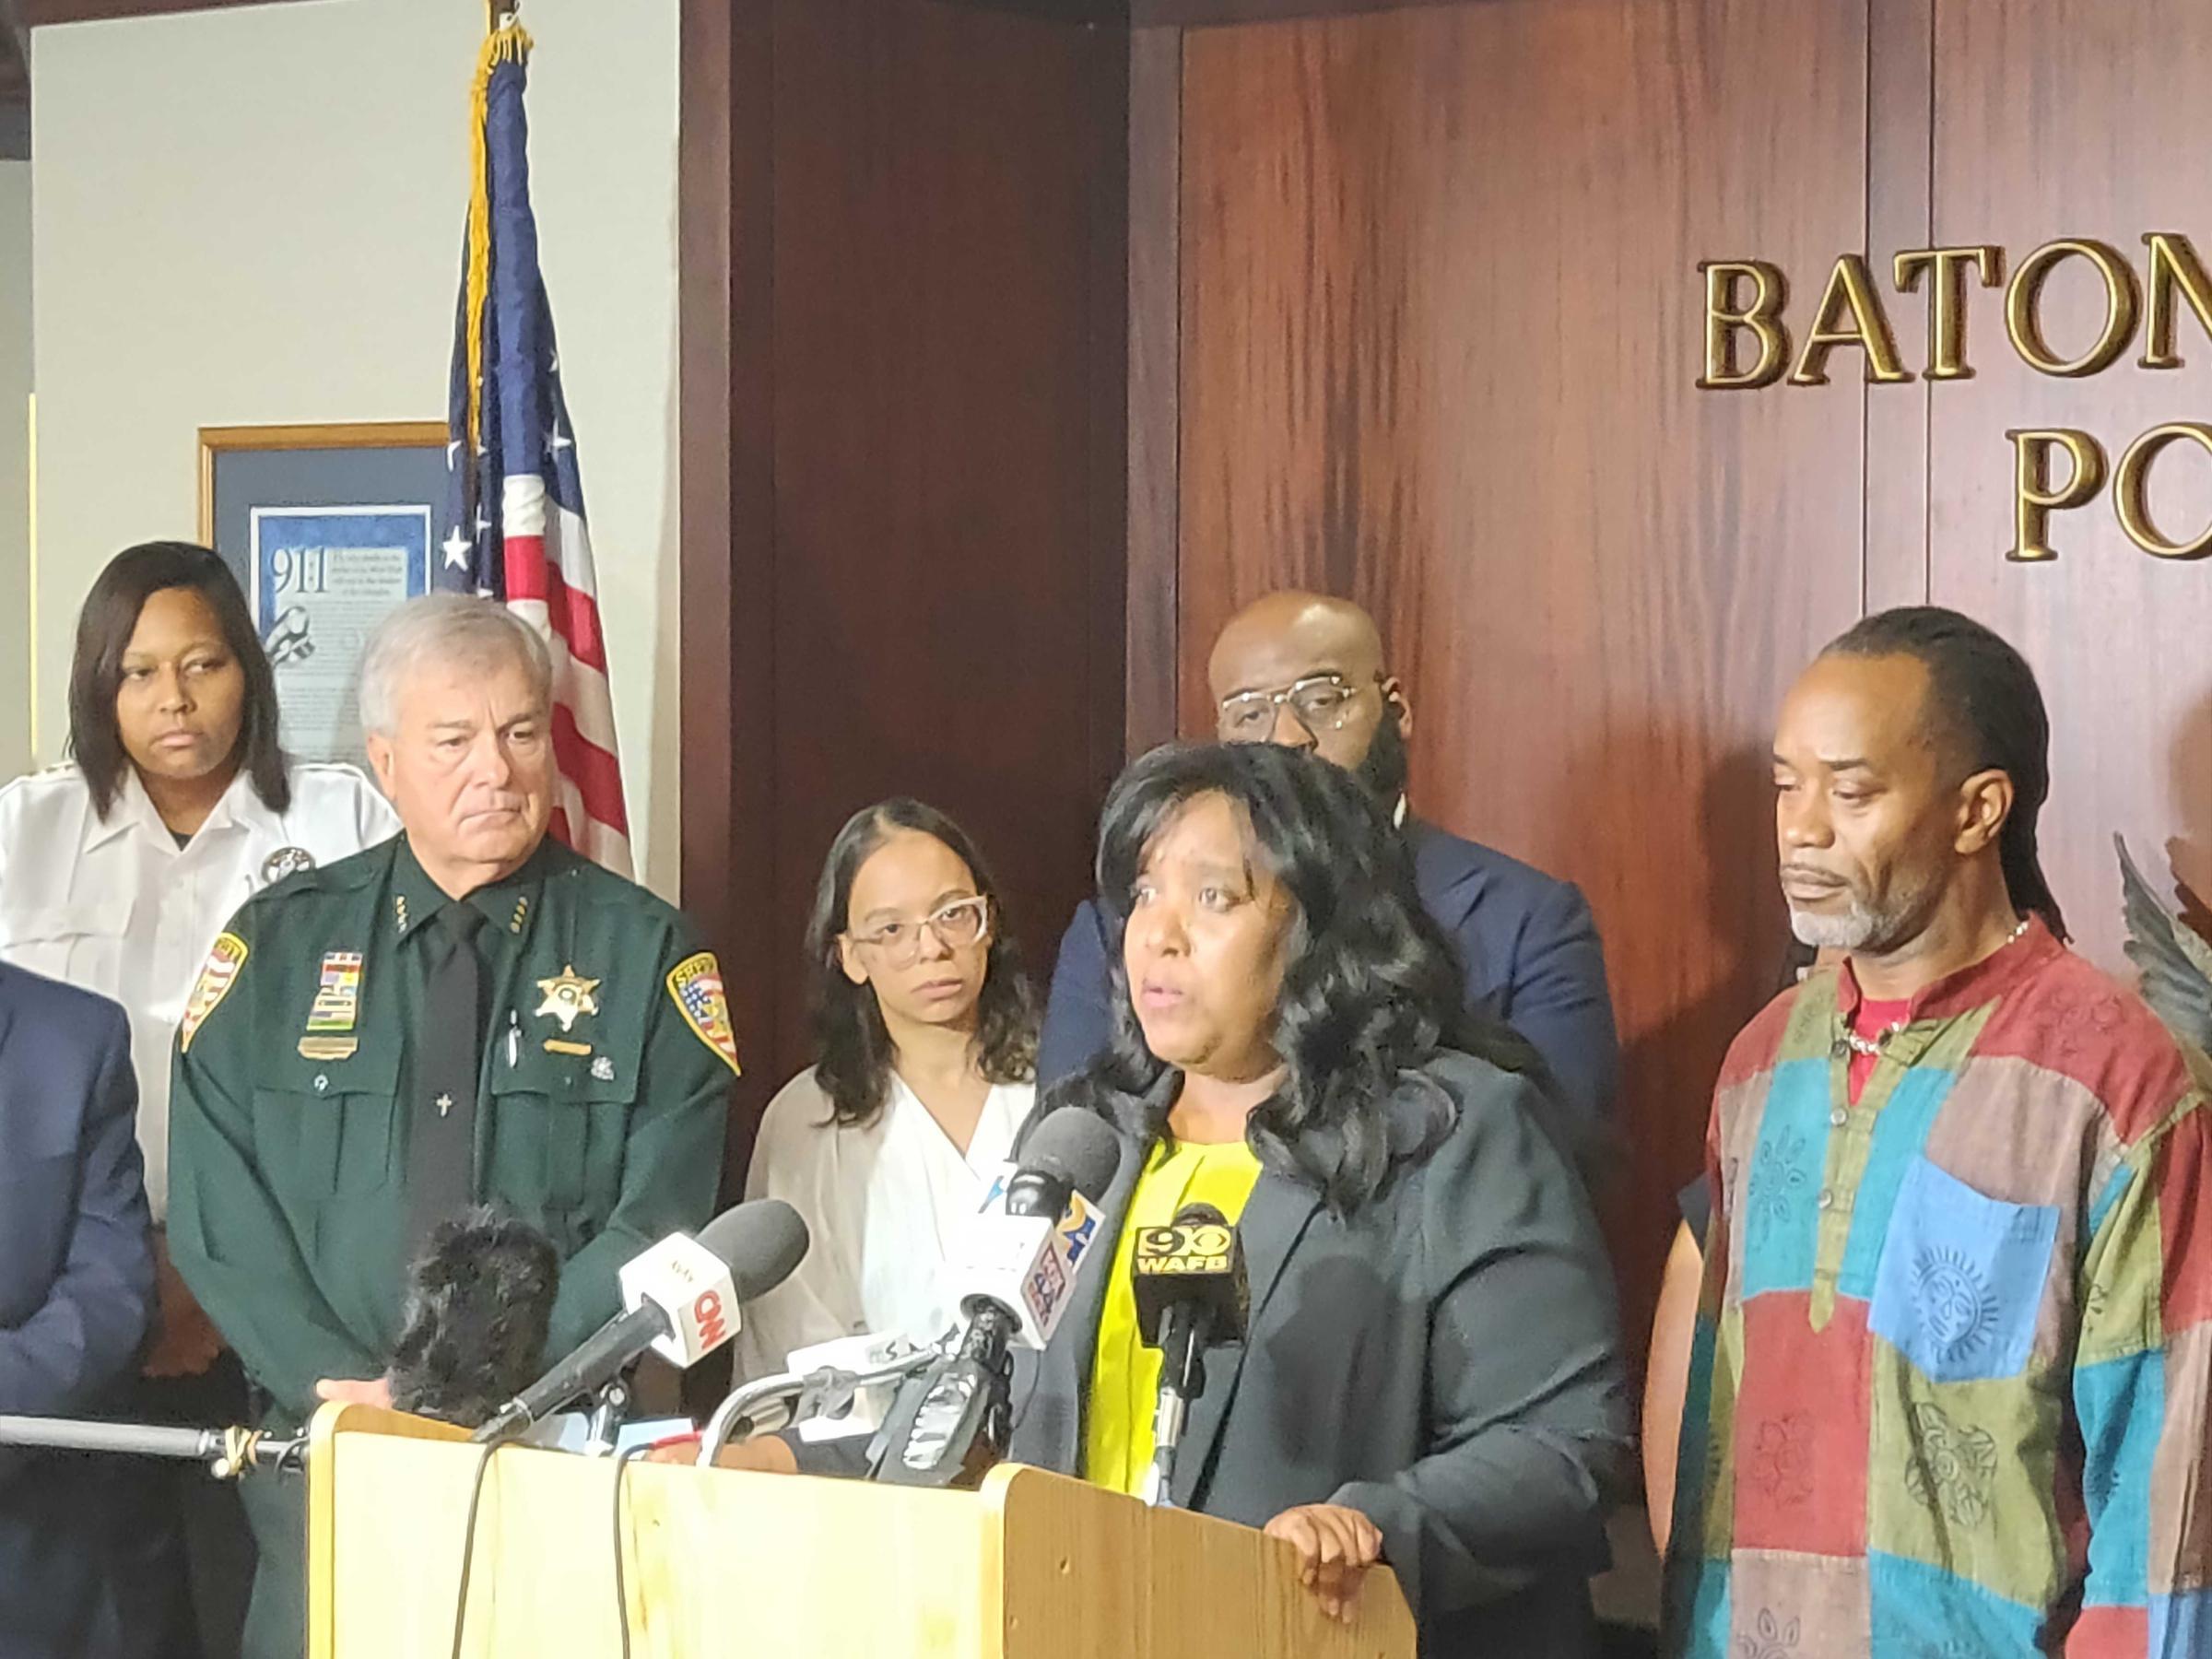 Police Arrest Suspect In Murder Of Baton Rouge Activist | WWNO